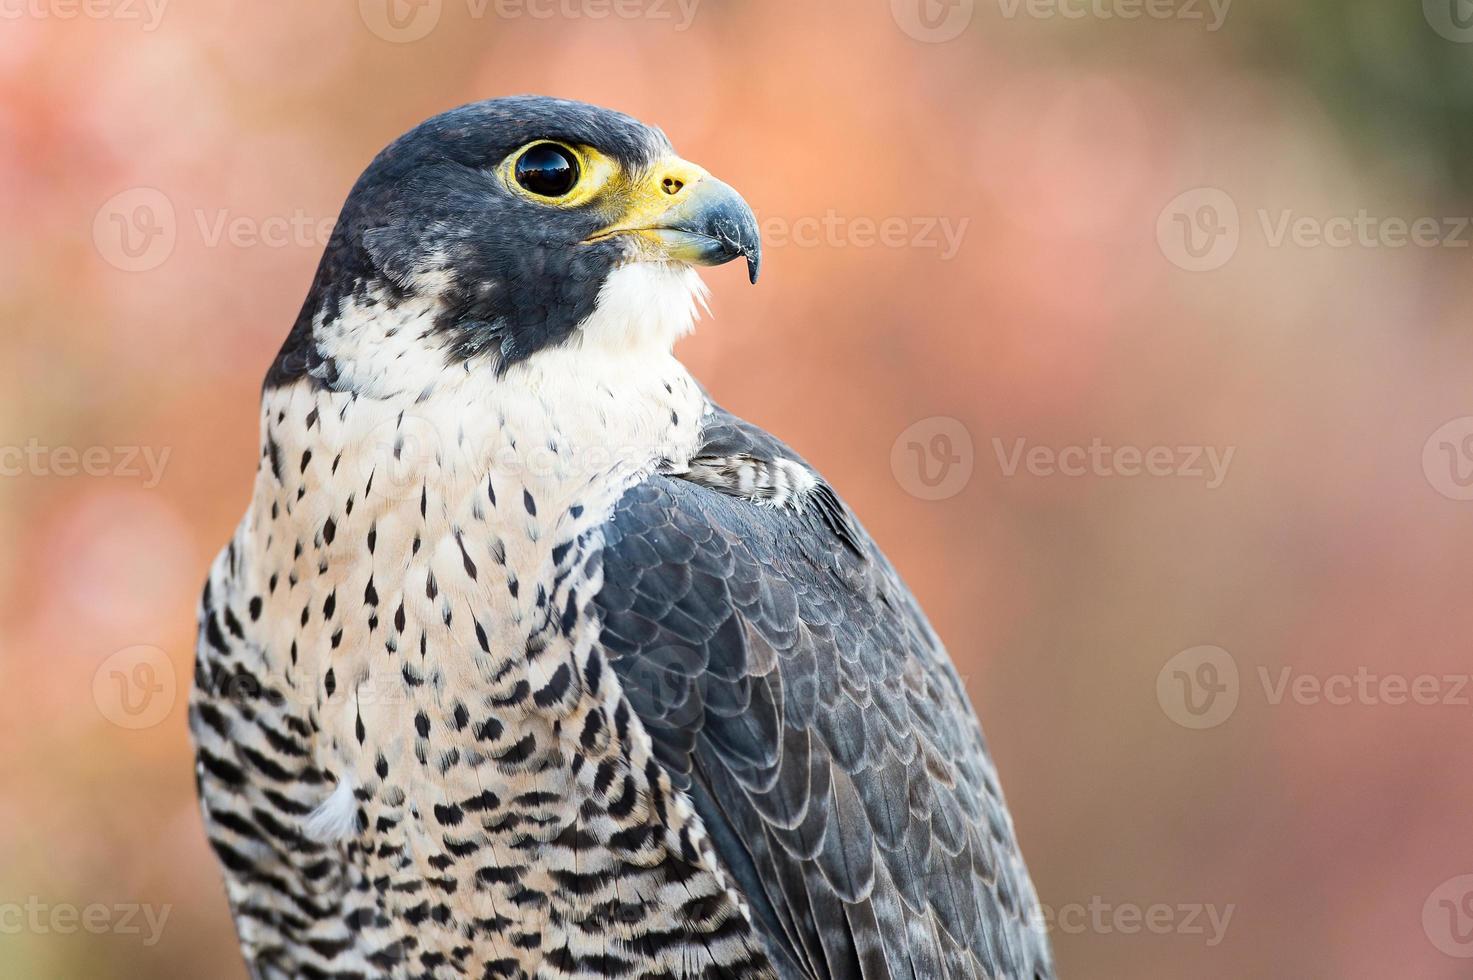 retrato de halcón peregrin foto